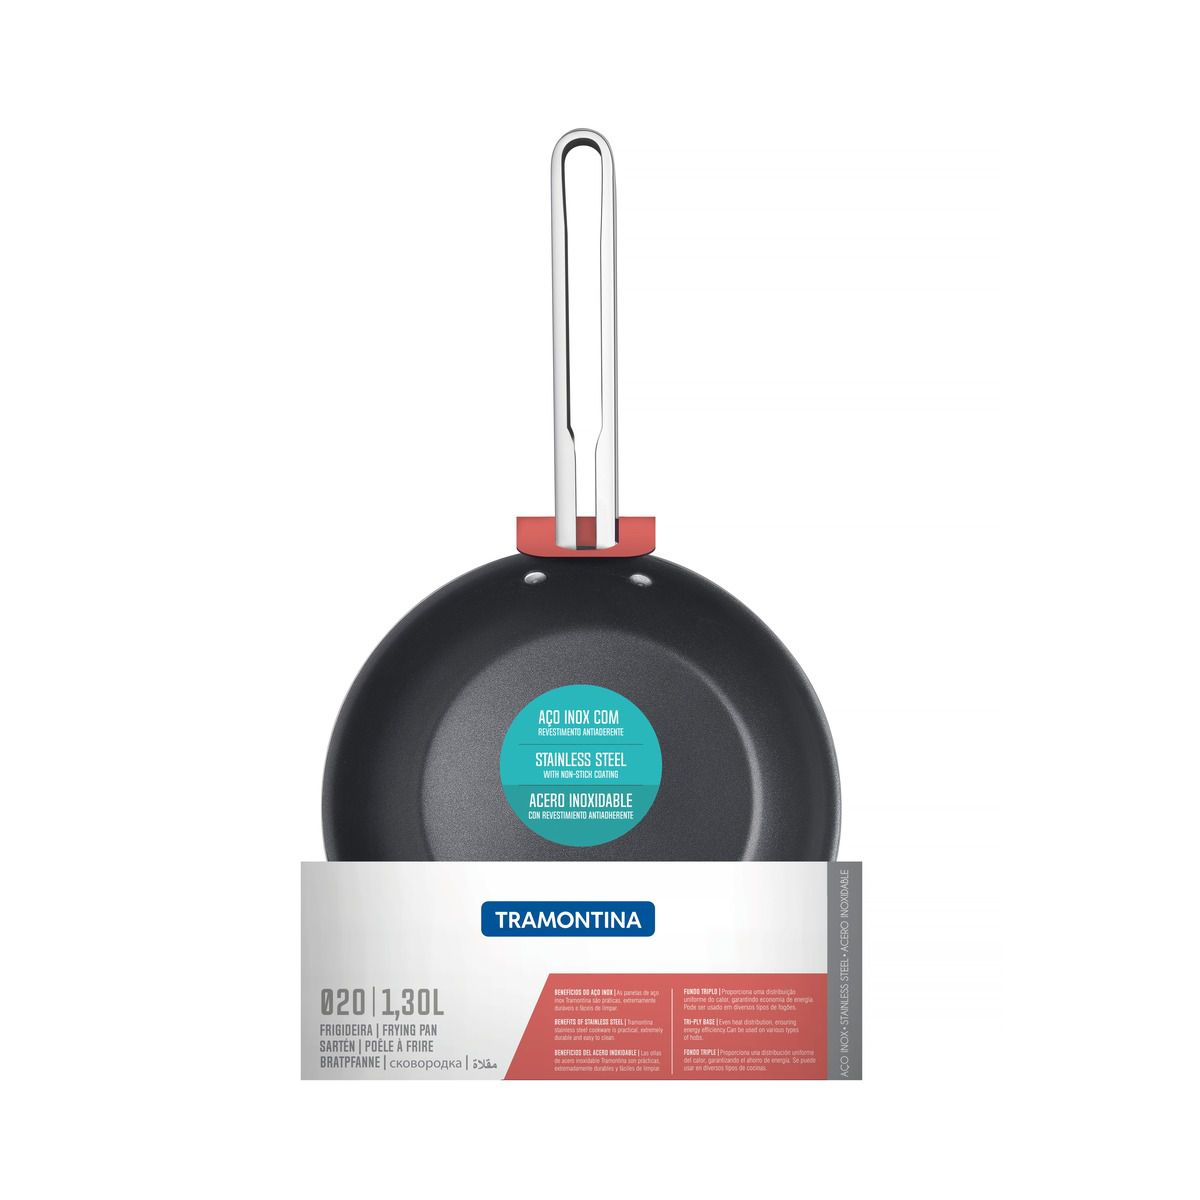 Frigideira Tramontina Ventura em Aço Inox com Revestimento Interno Antiaderente 20 cm 1,3 L 62376/207 | Lojas Estrela